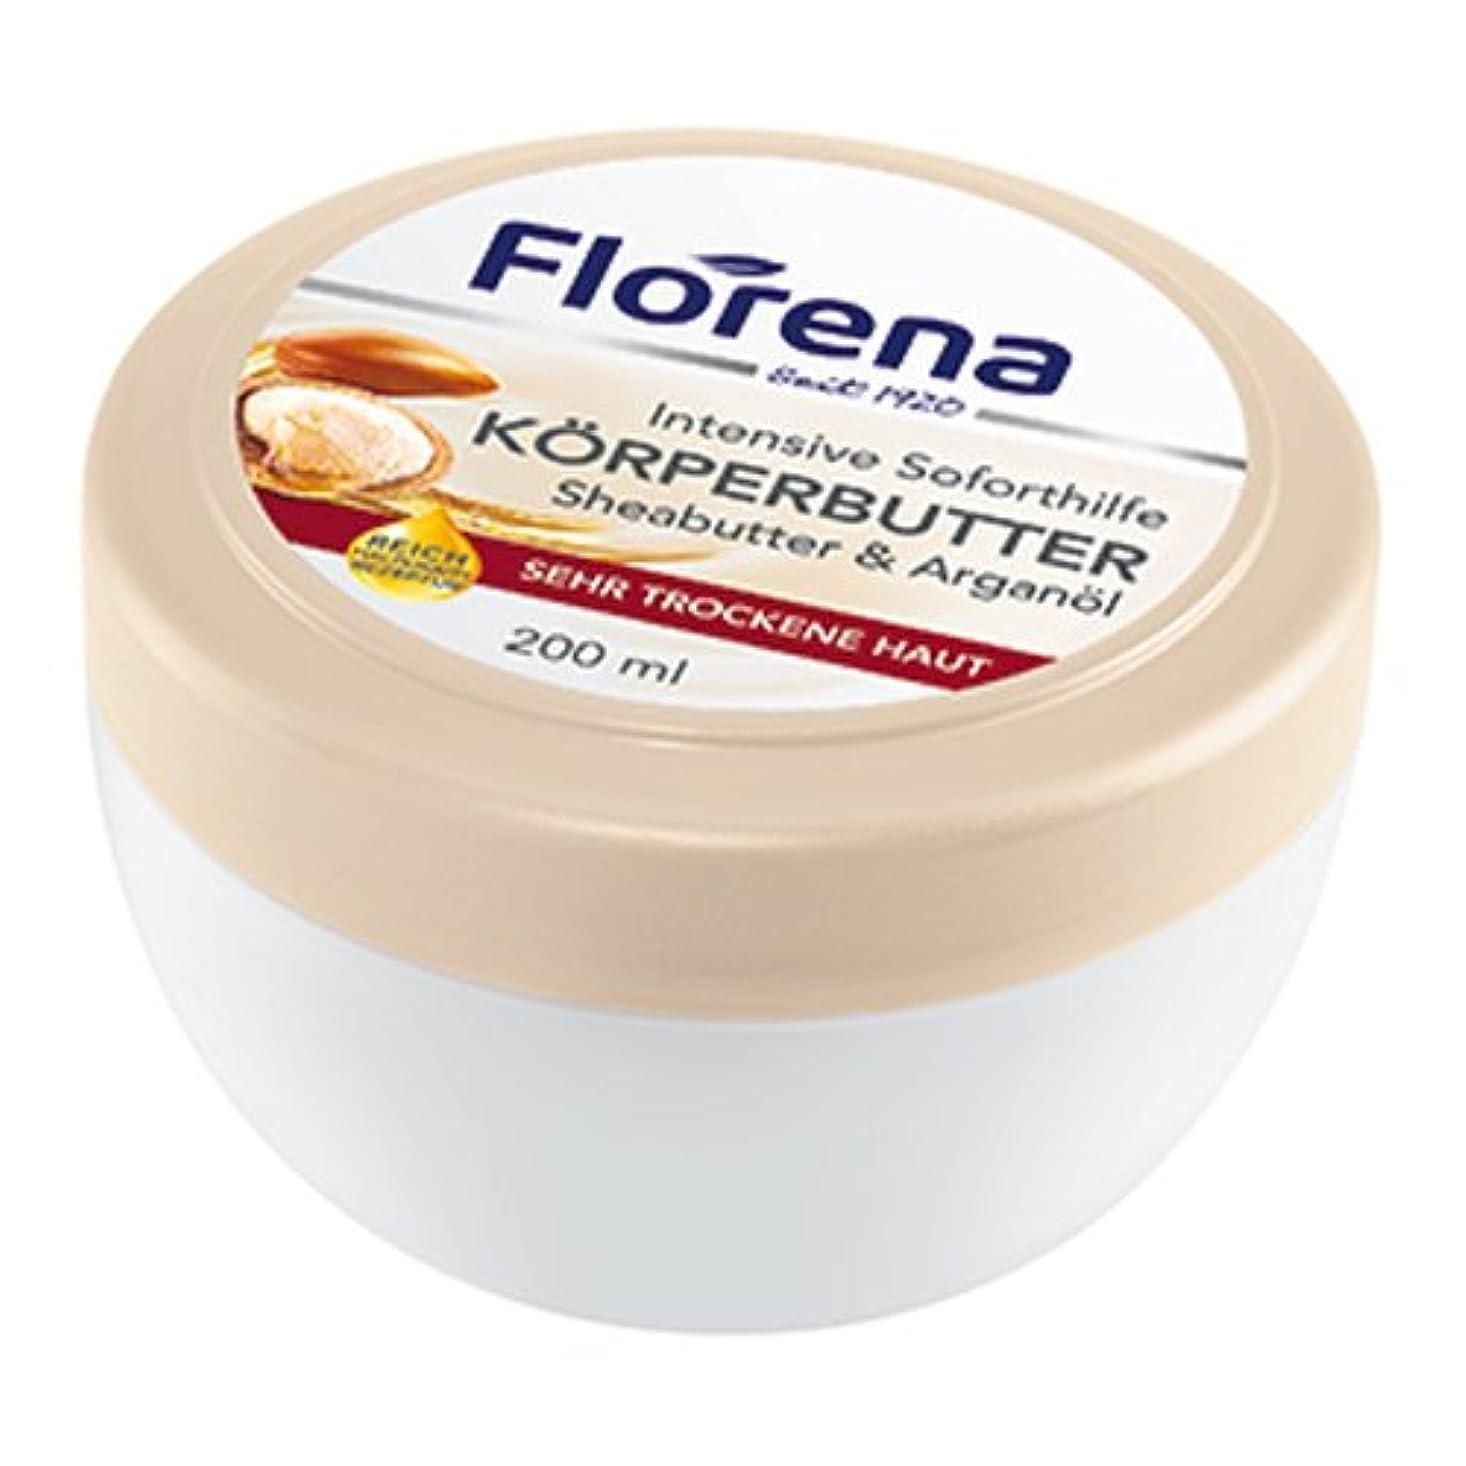 バイアス蜜穿孔するフロレナ フロレナ ボディバター 200ml